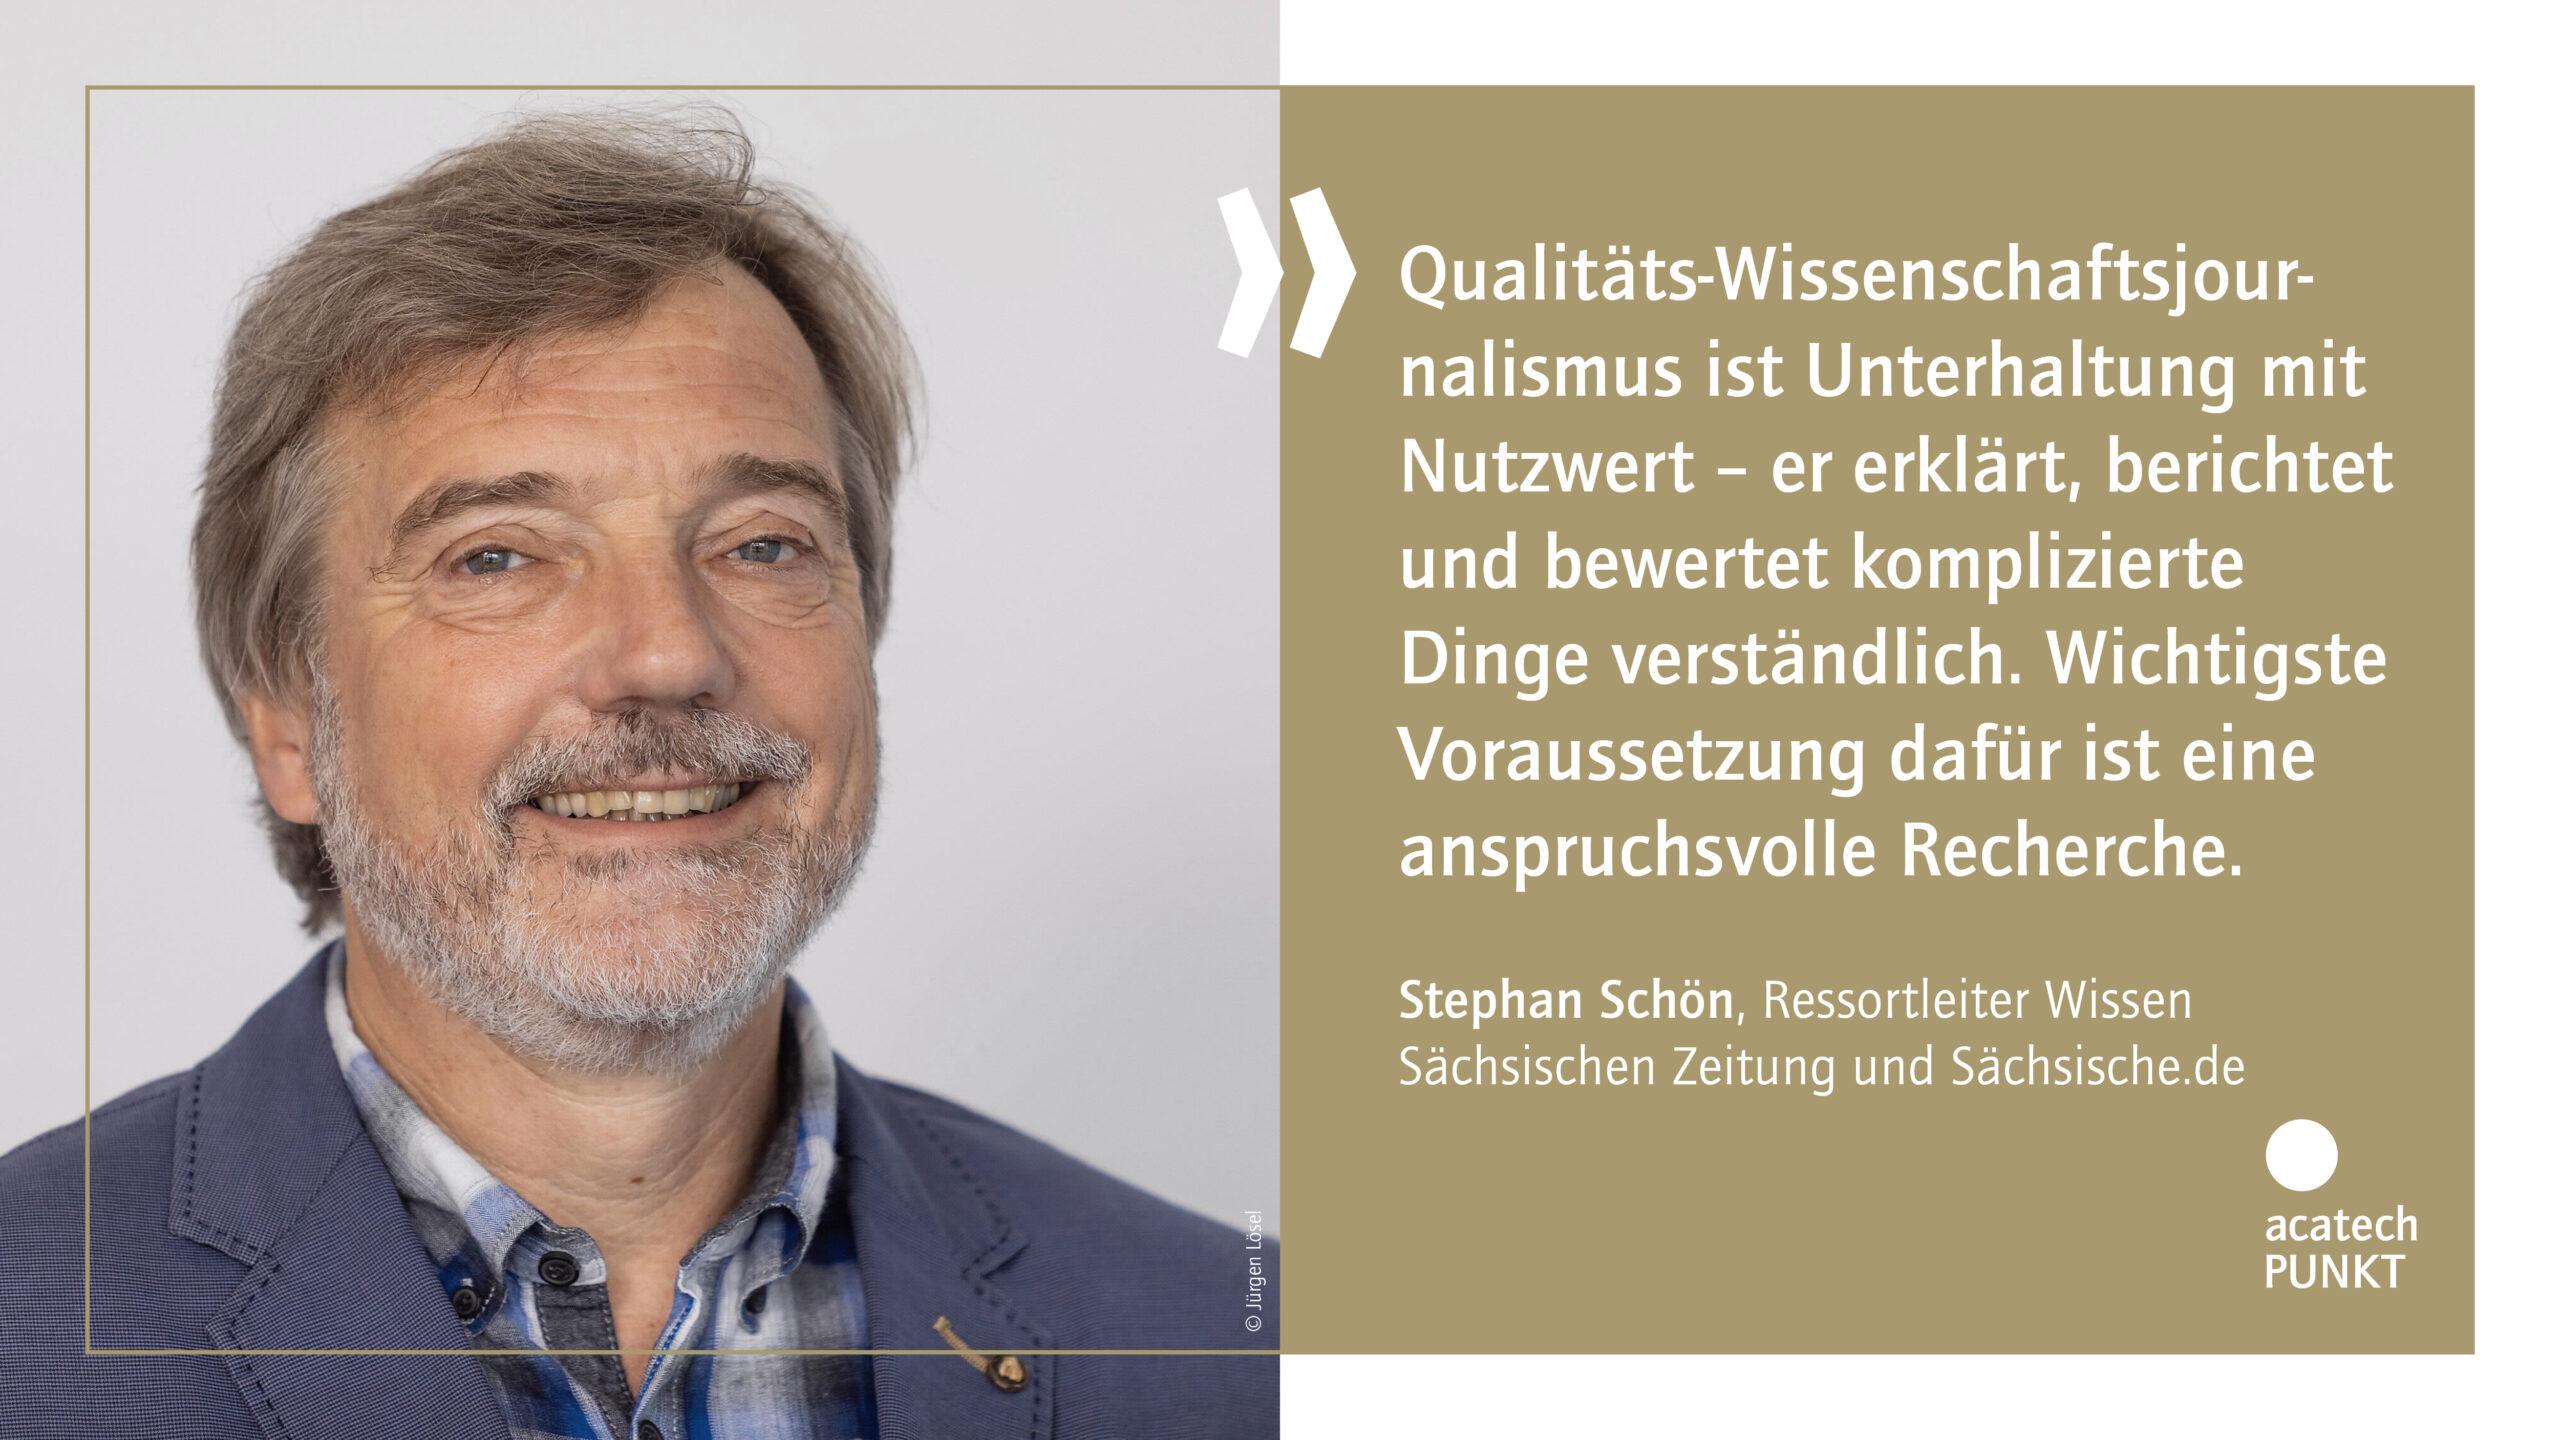 Zitatkarte mit Portraitbild Stephan Schön, Sächsische Zeitung